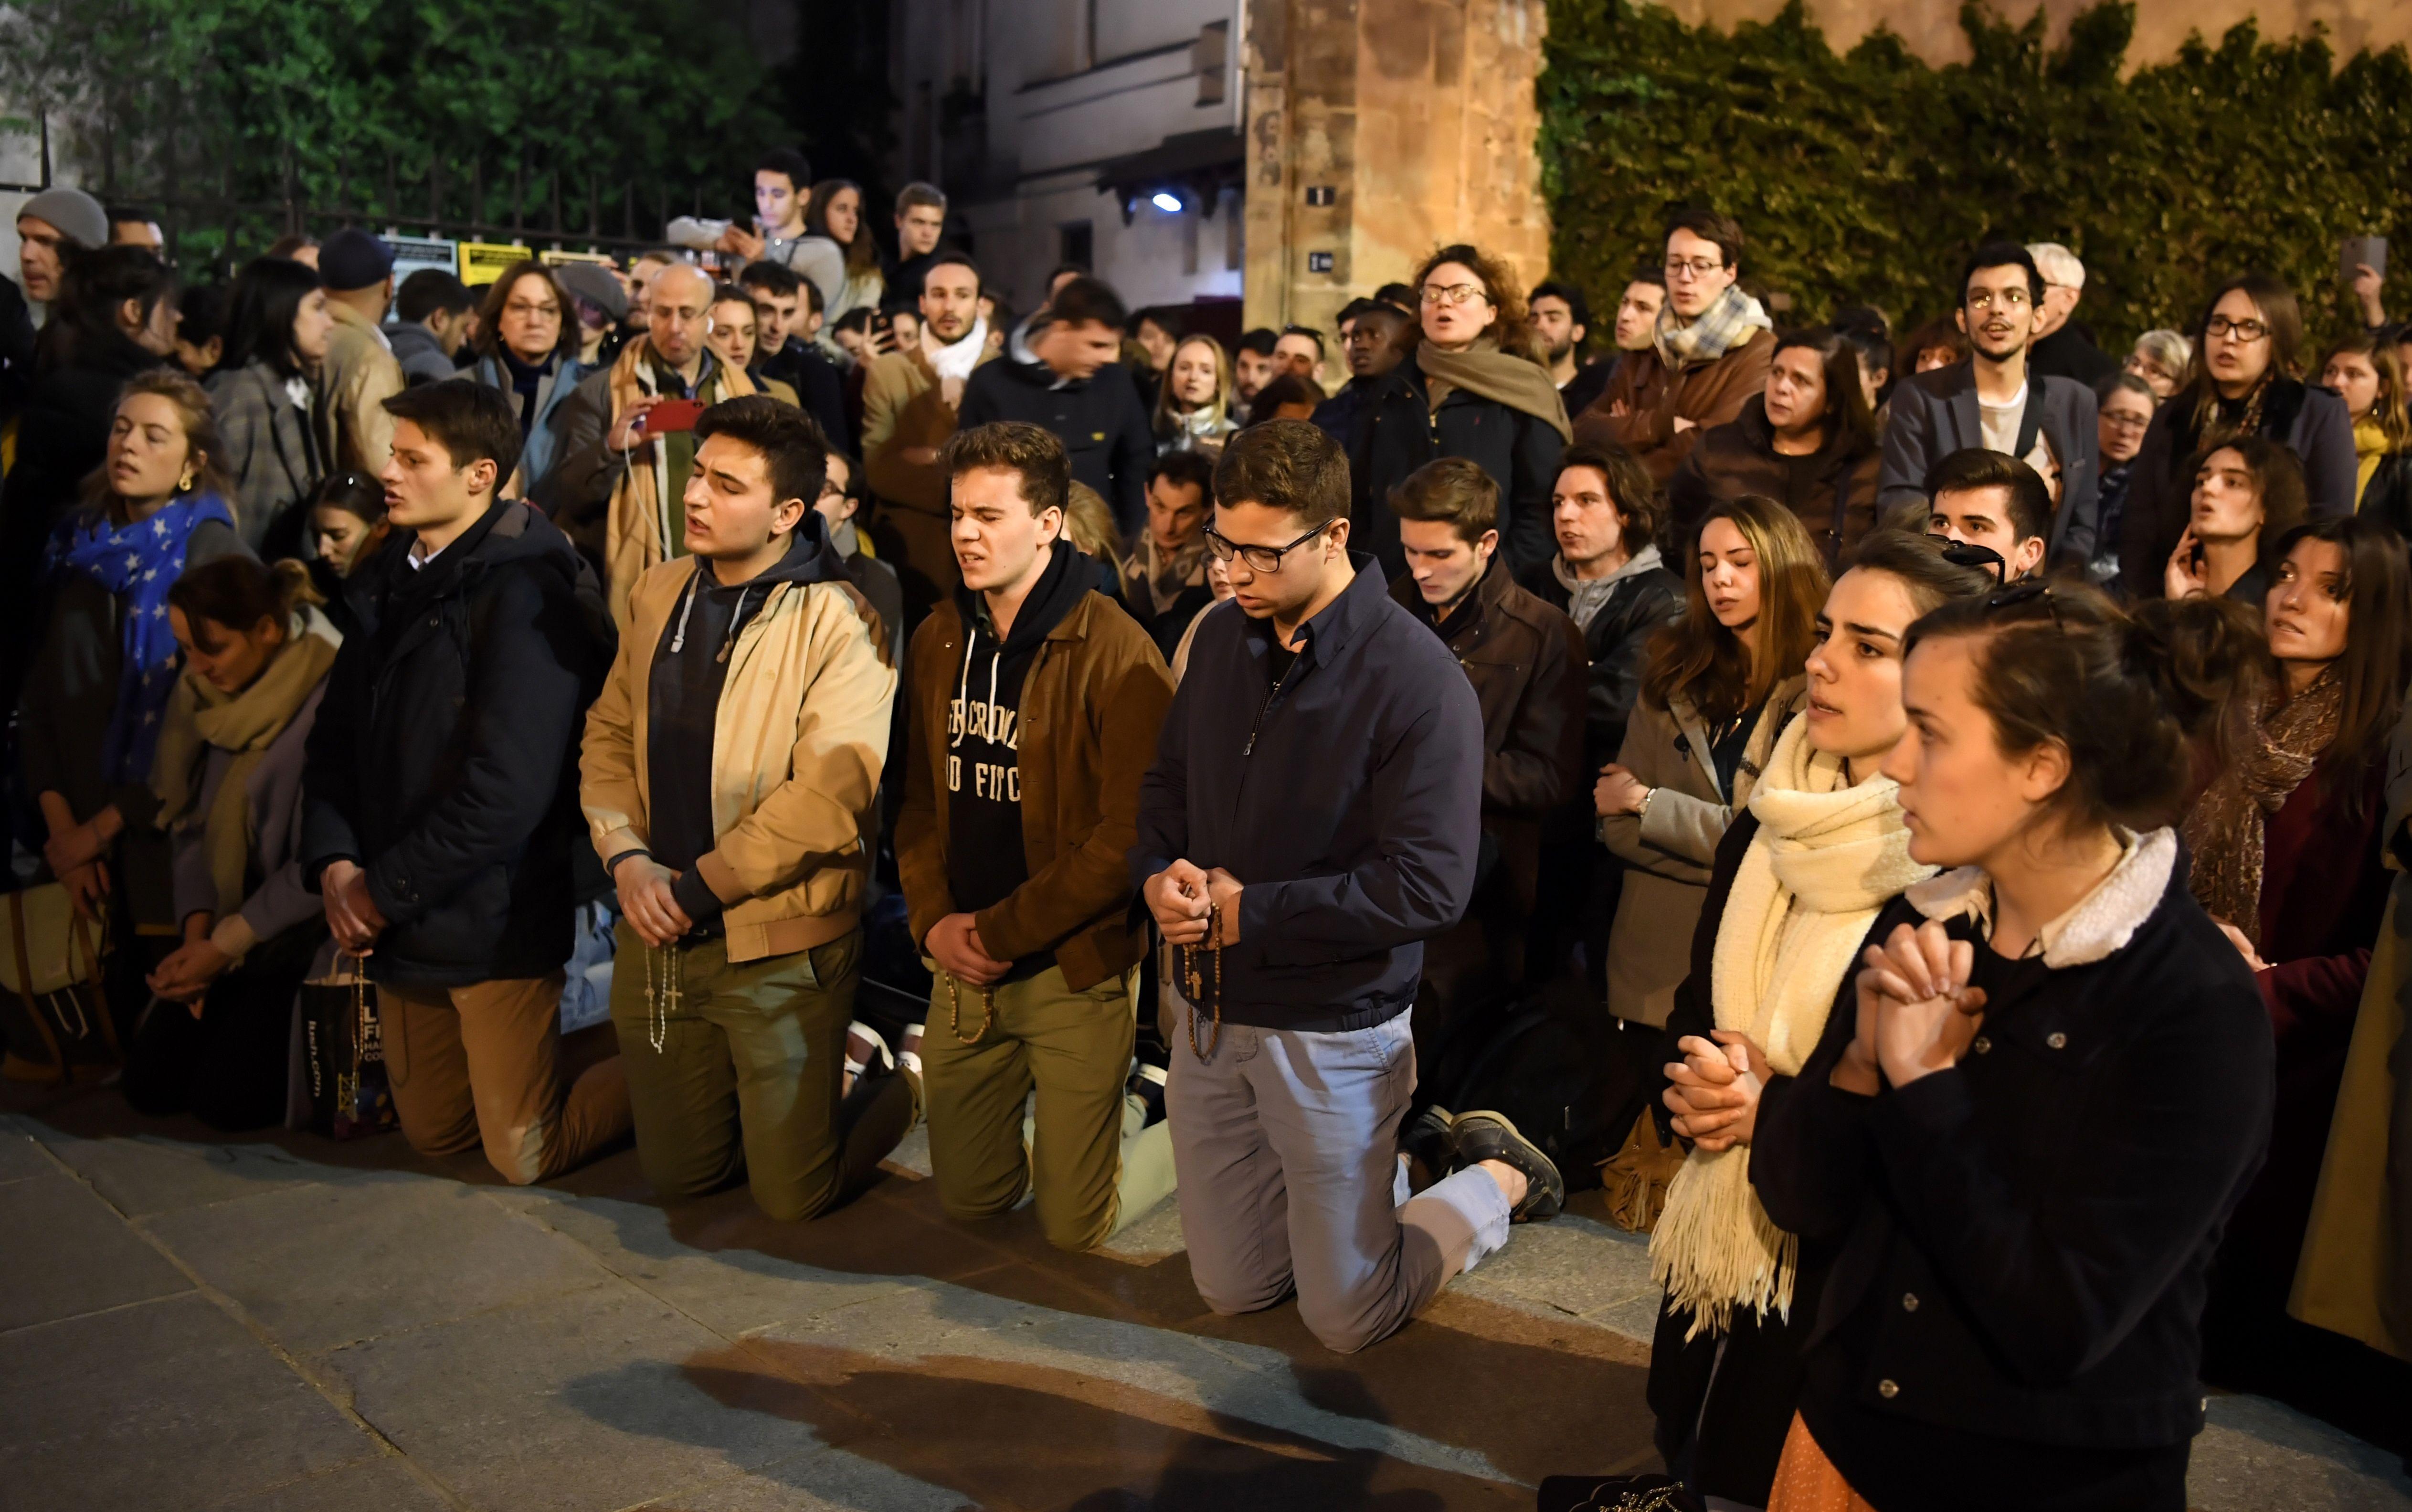 聖母院大火 巴黎人哭了:一定要重建